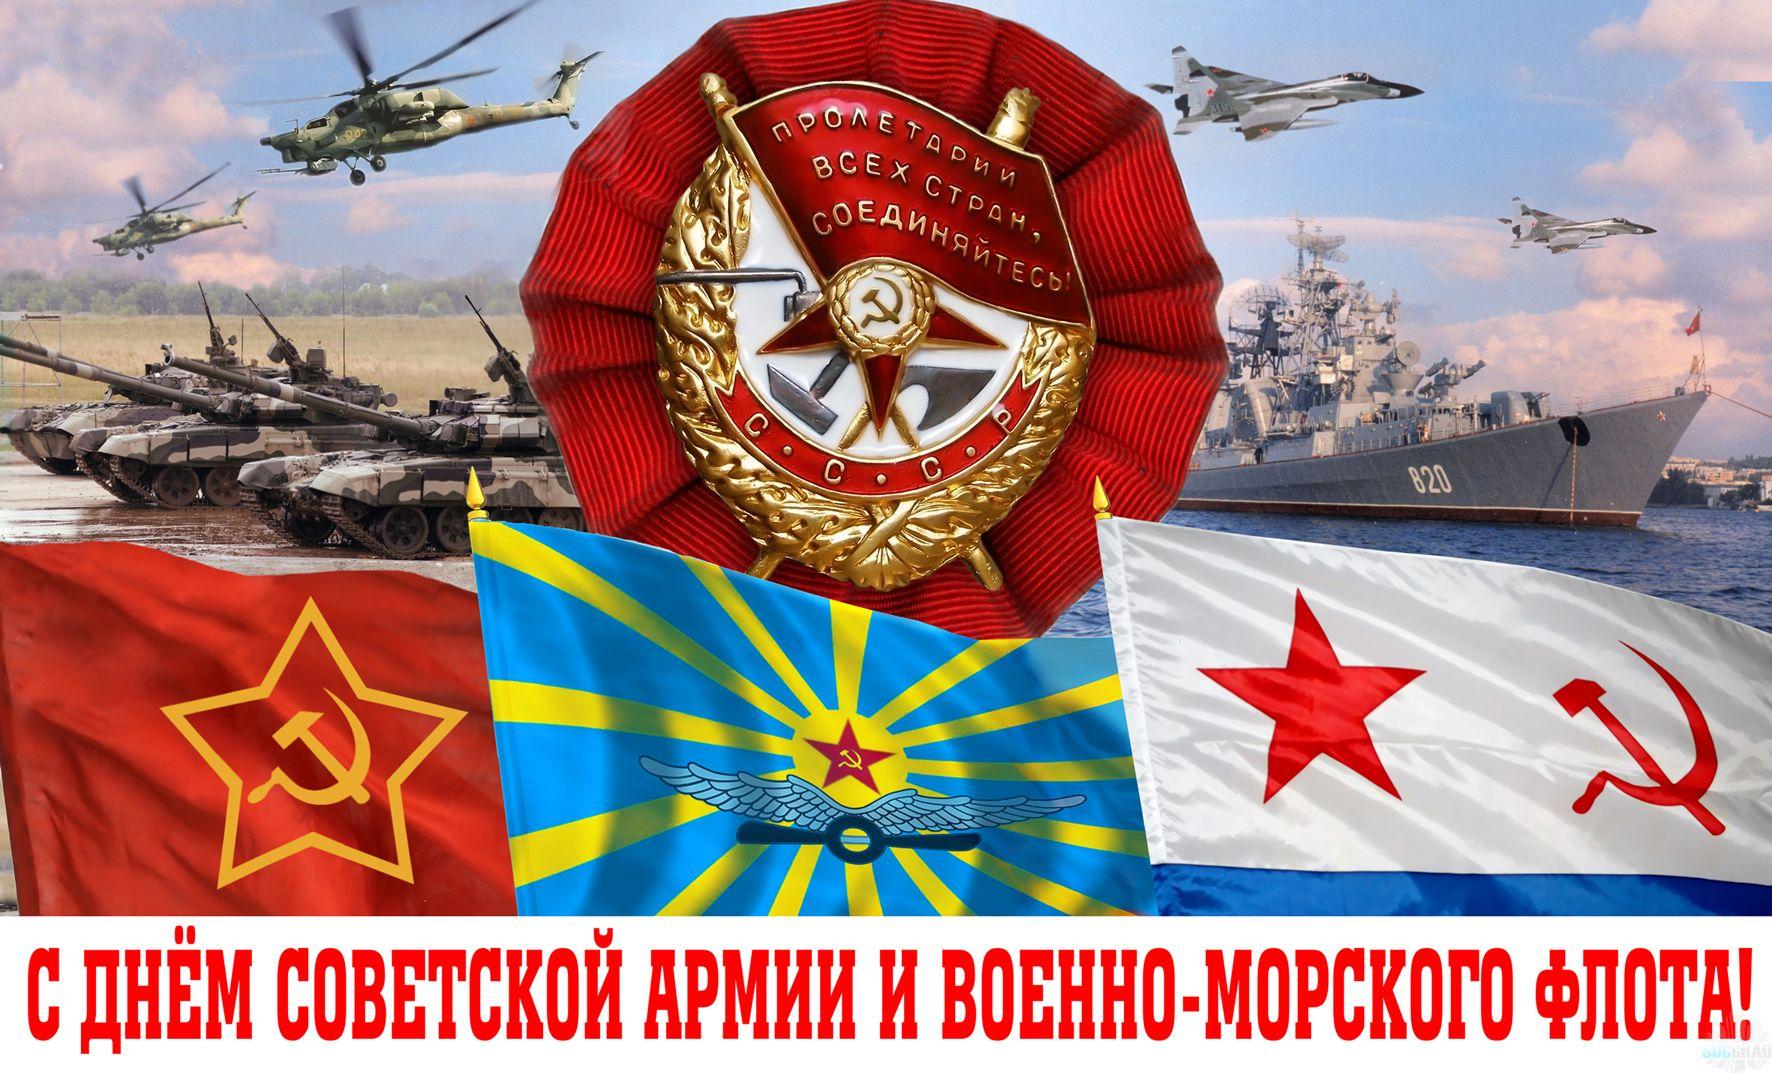 поздравления с днем советской армии знакомому